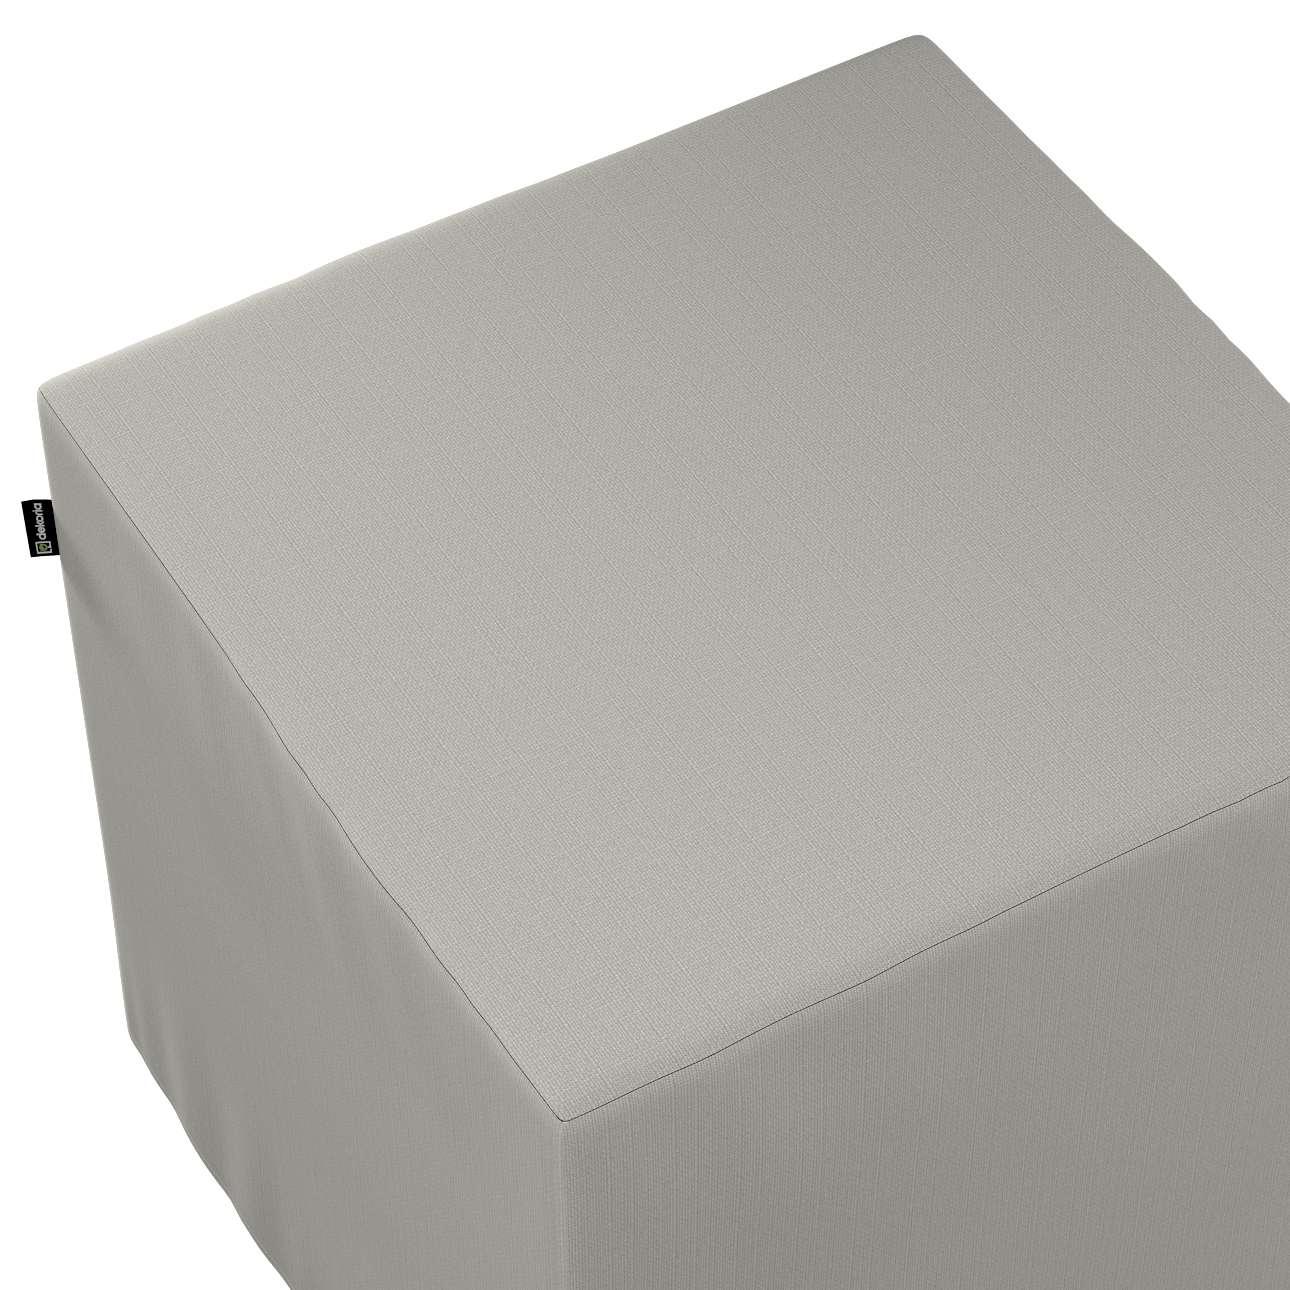 Bezug für Sitzwürfel von der Kollektion Living, Stoff: 161-54